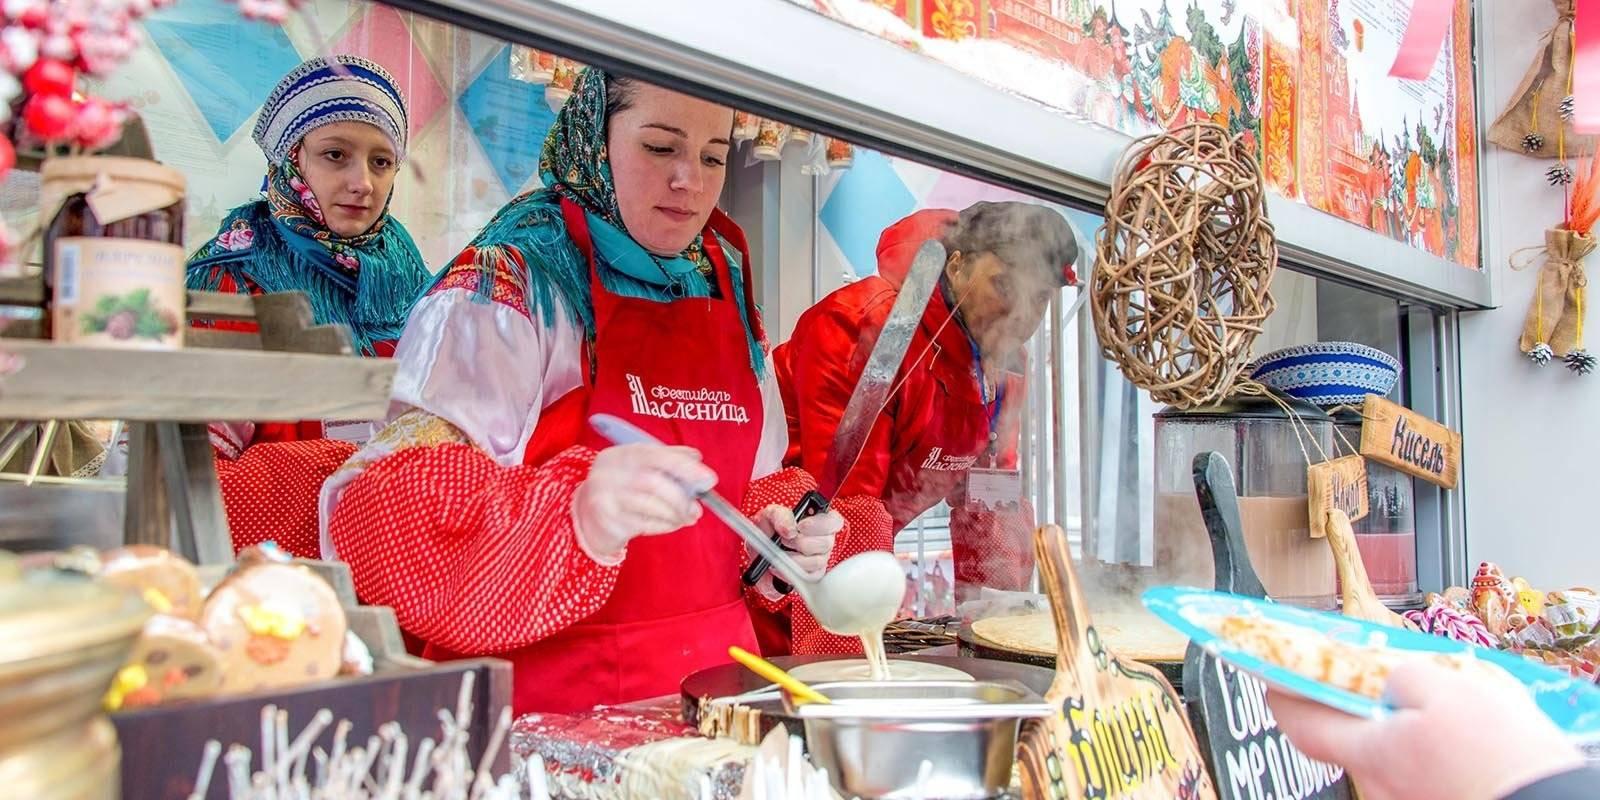 Что можно попробовать на фестивале «Московская Масленица»